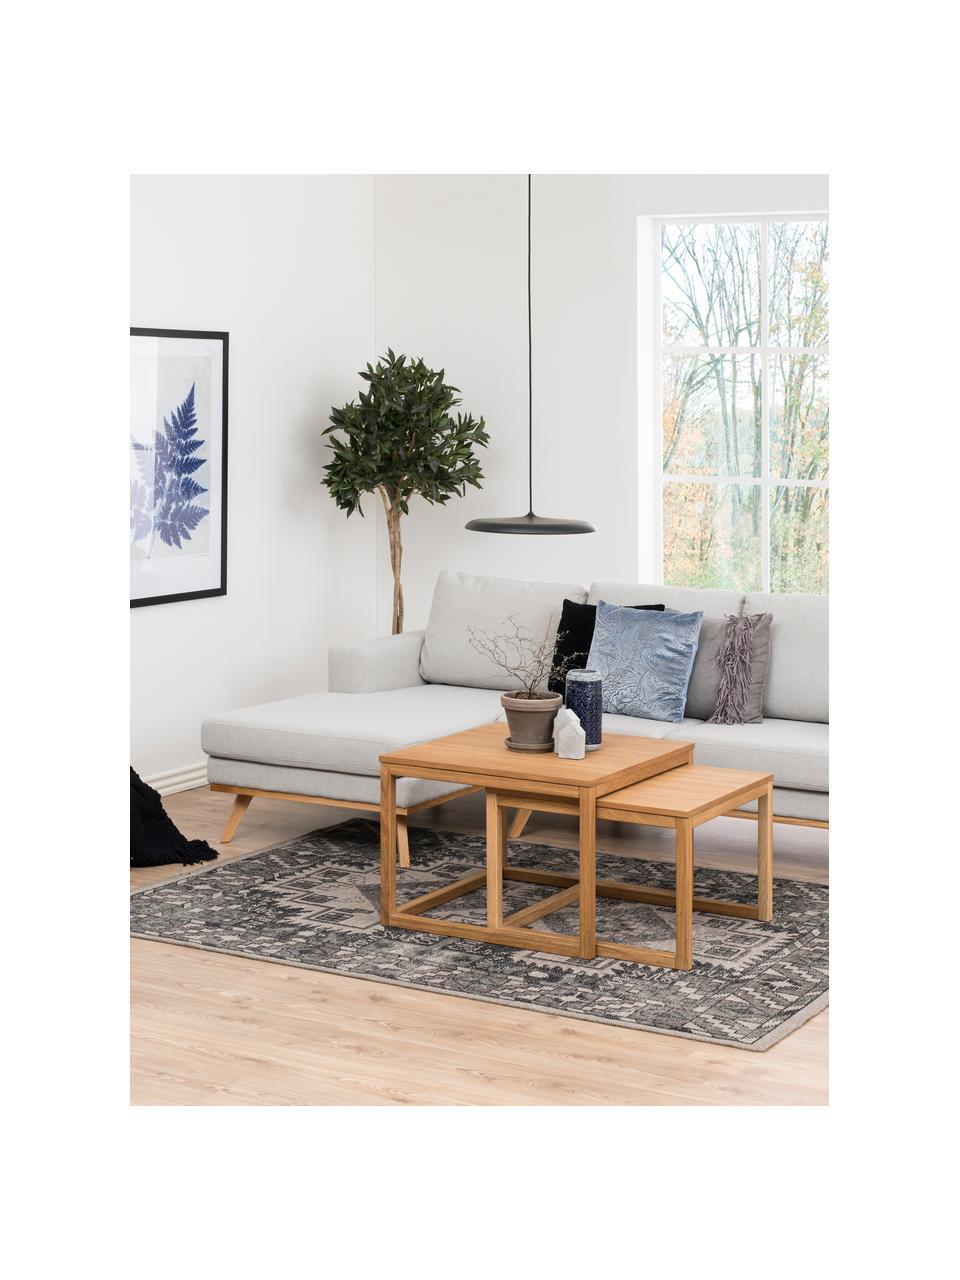 Sofa narożna z nogami z drewna bukowego Norwich, Tapicerka: poliester, Nogi: drewno bukowe, barwione, Jasny szary, S 233 x G 148 cm